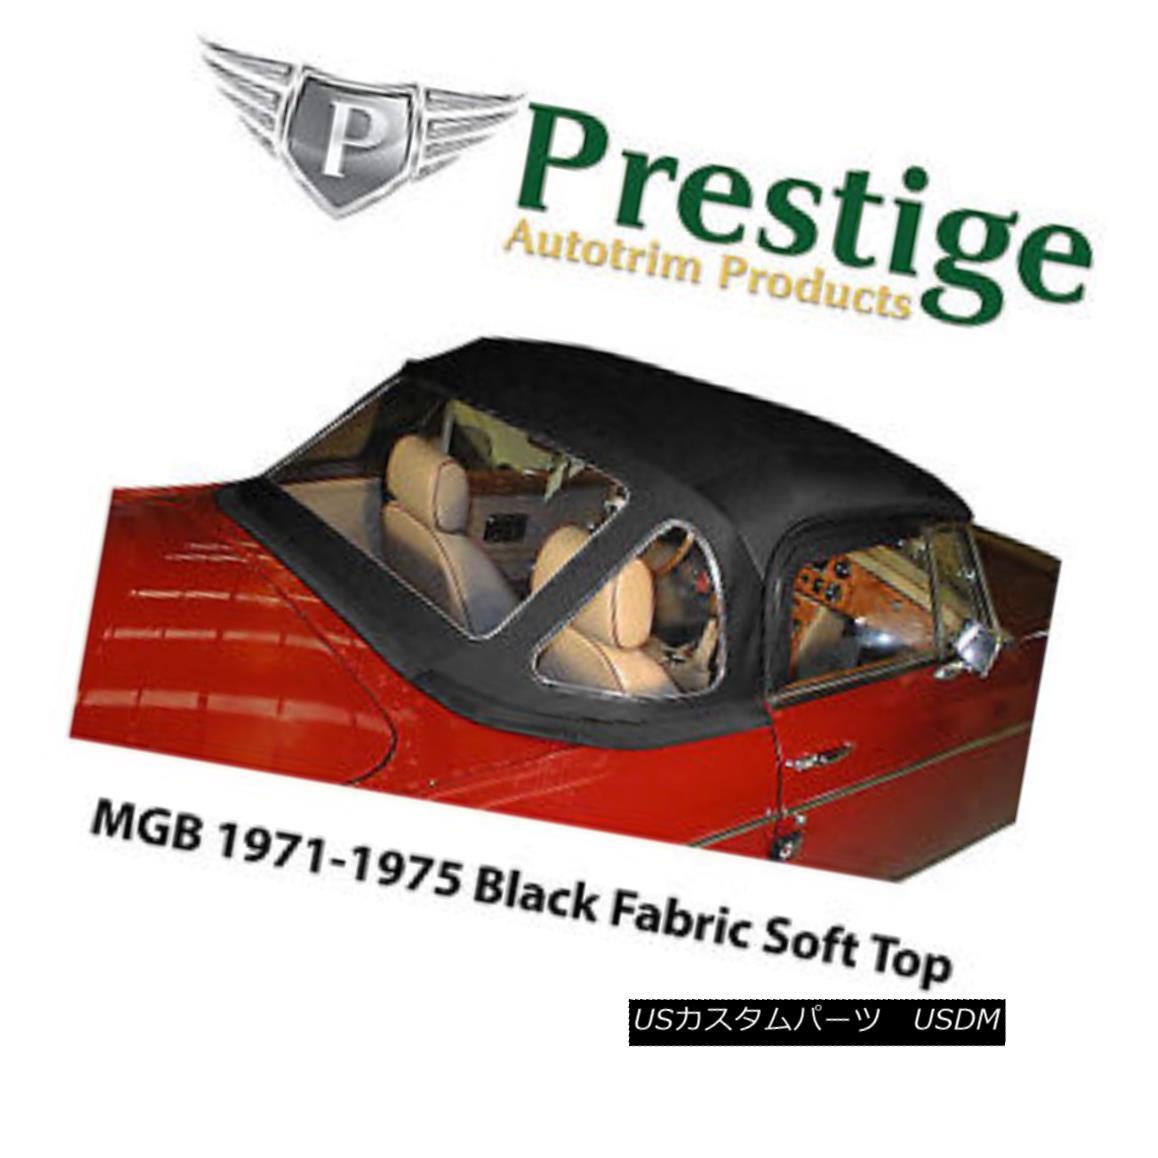 幌・ソフトトップ MGB Black Fabric Mohair Soft Tops Convertible Tops 1971-1975 MGBブラックファブリックモヘアソフトトップスコンバーチブルトップス1971-1975